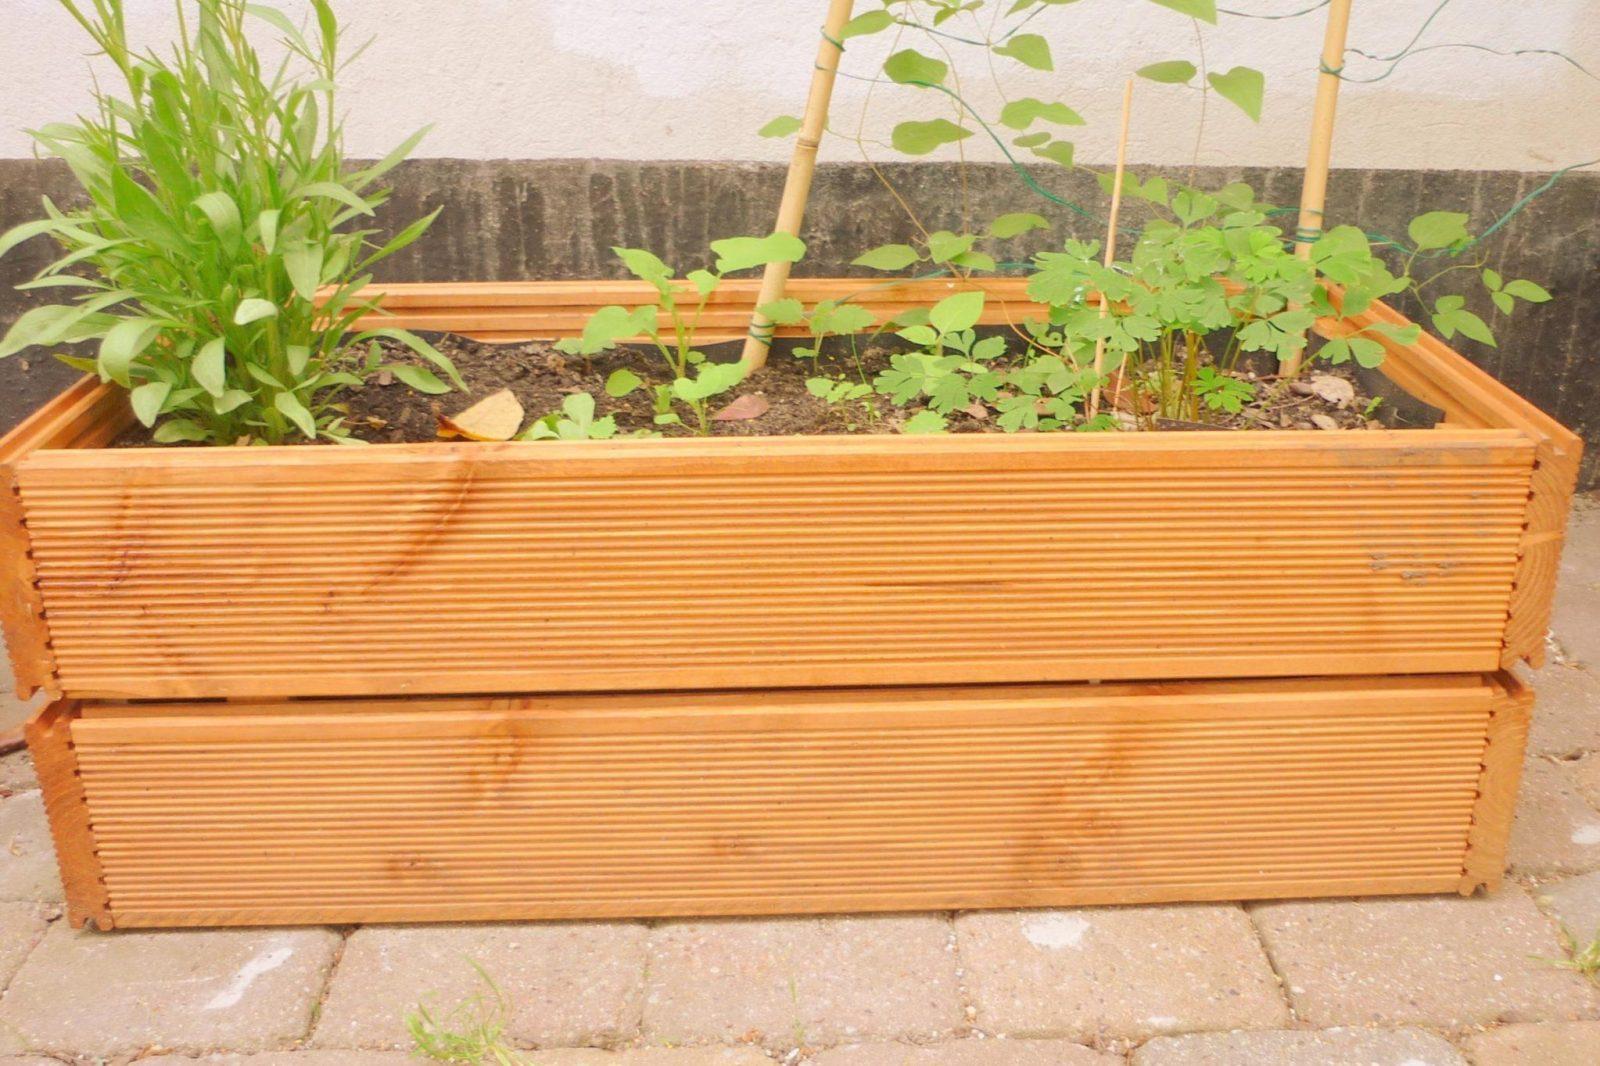 Pflanztrog Holz Selber Bauen  Die Schönsten Einrichtungsideen von Pflanzkübel Holz Selber Bauen Photo